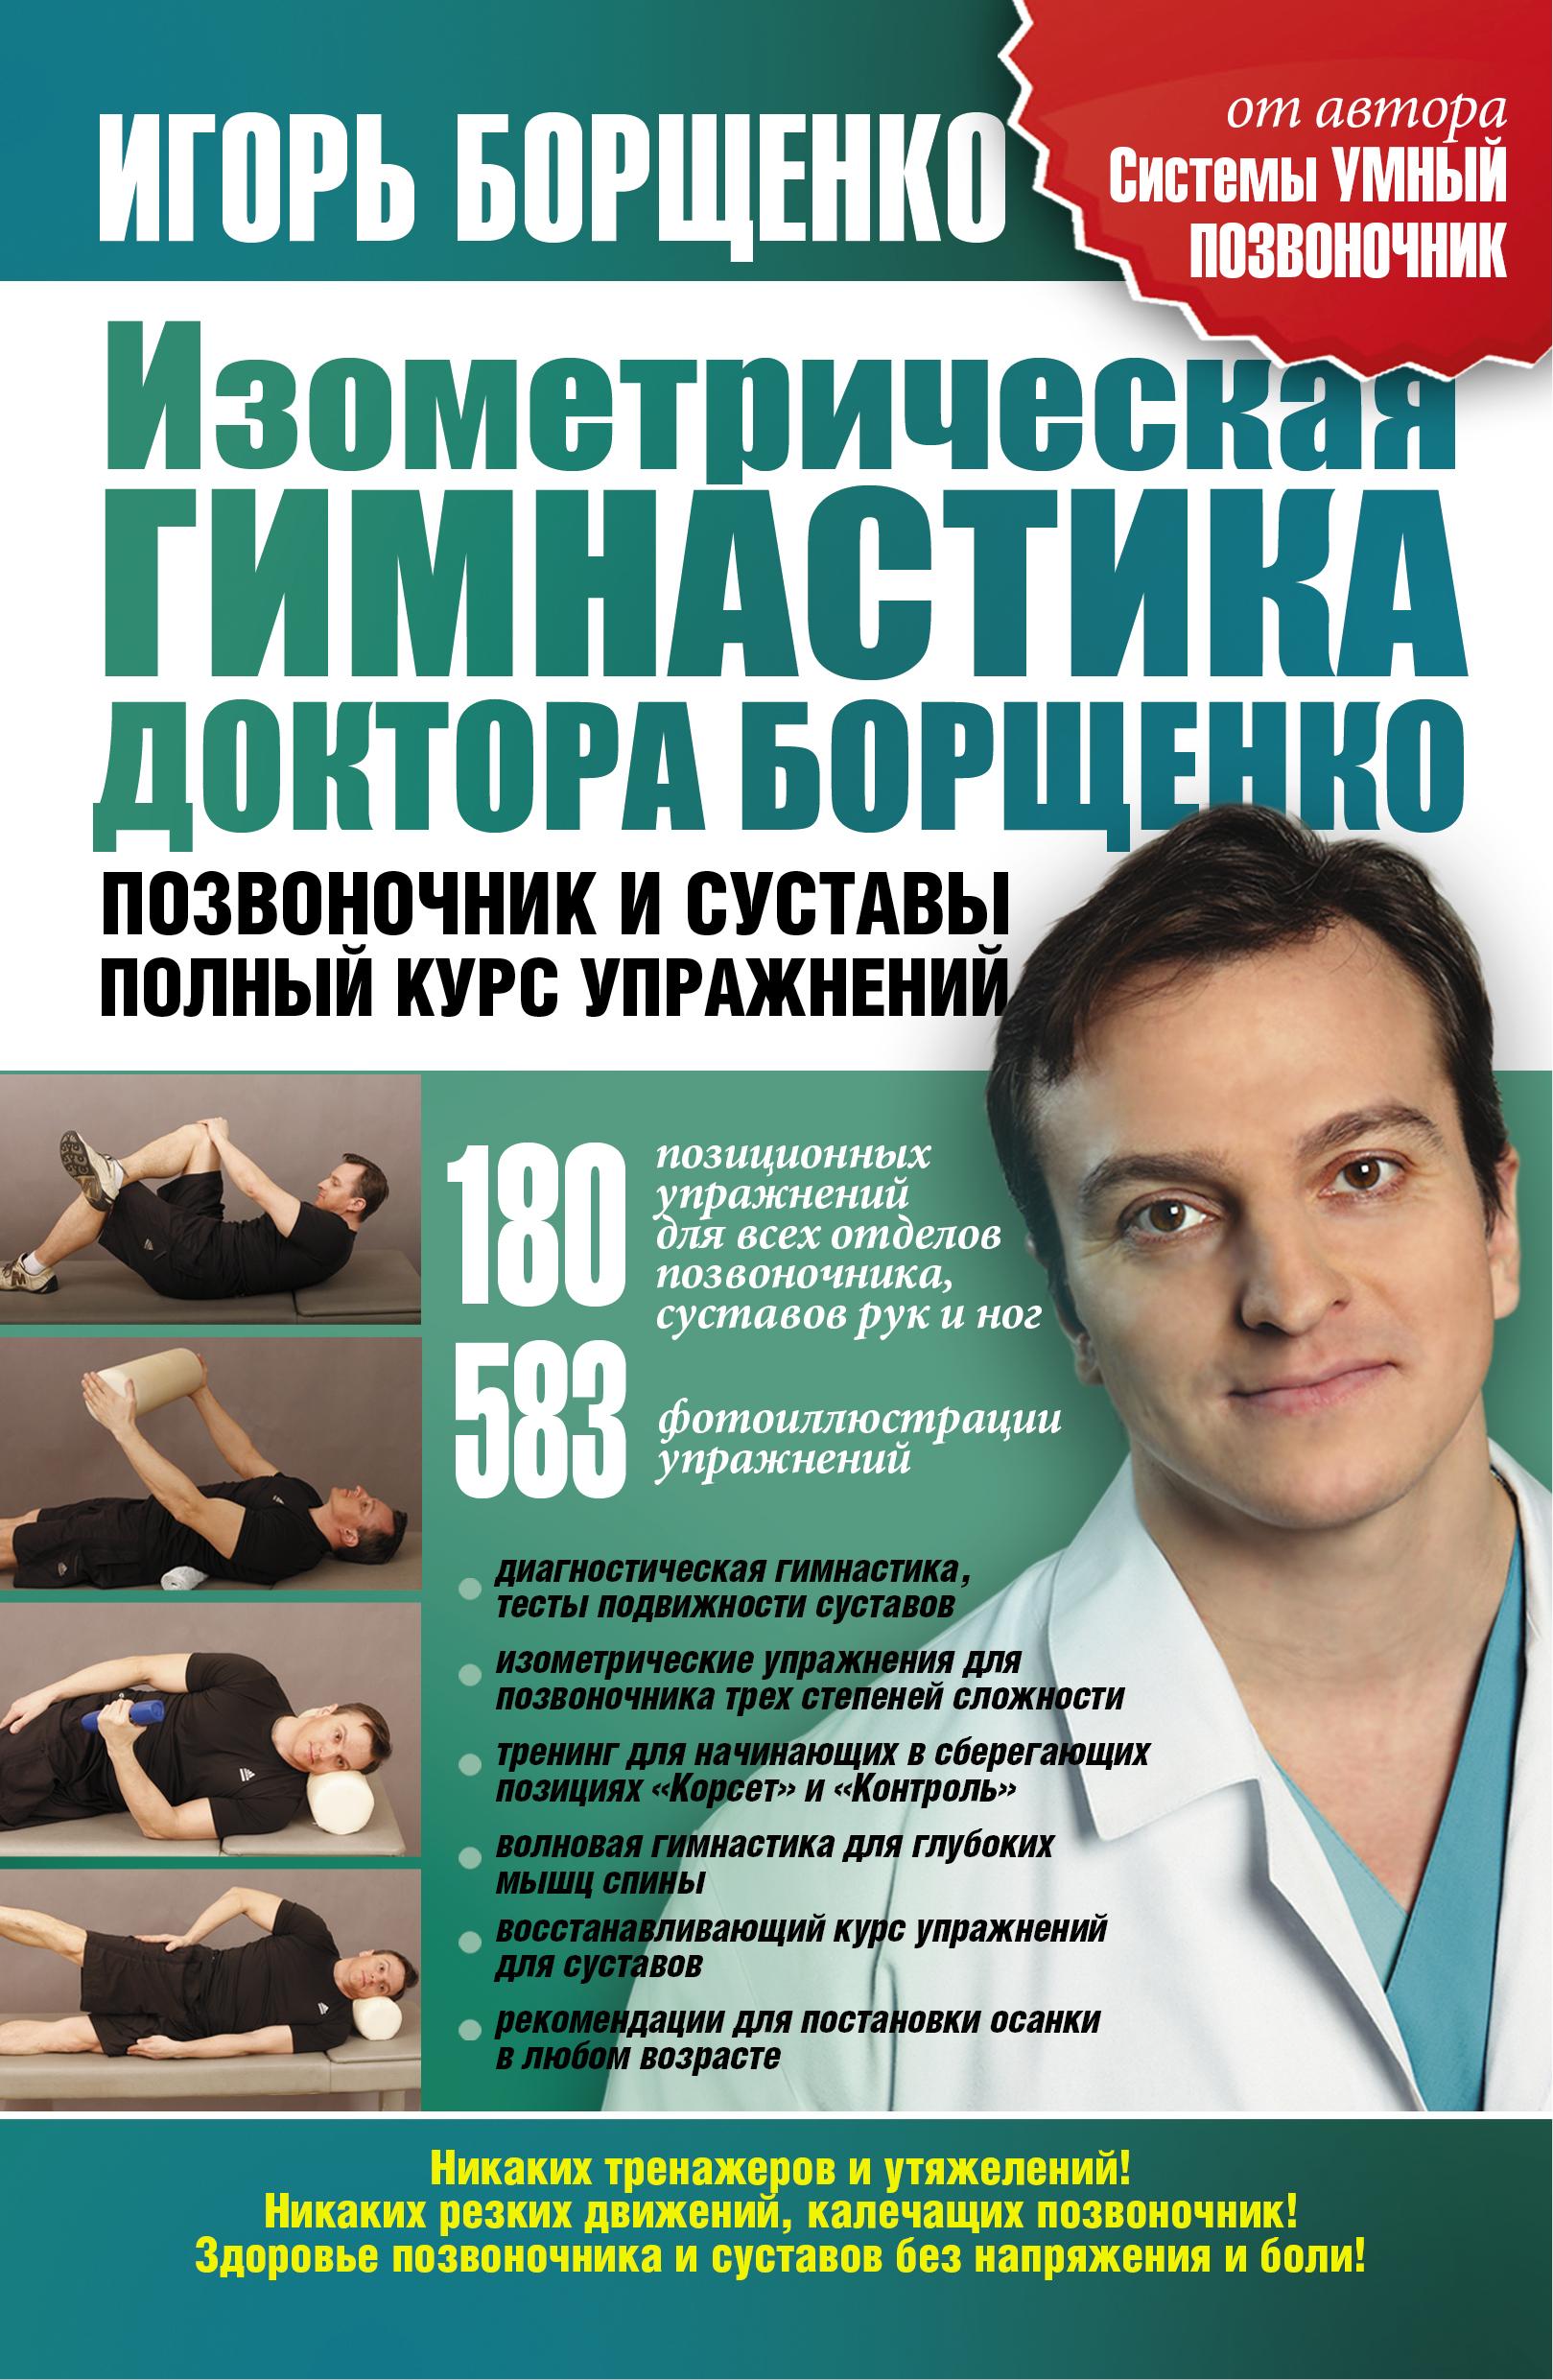 Семейный доктор монологи о здоровье 3 фотография